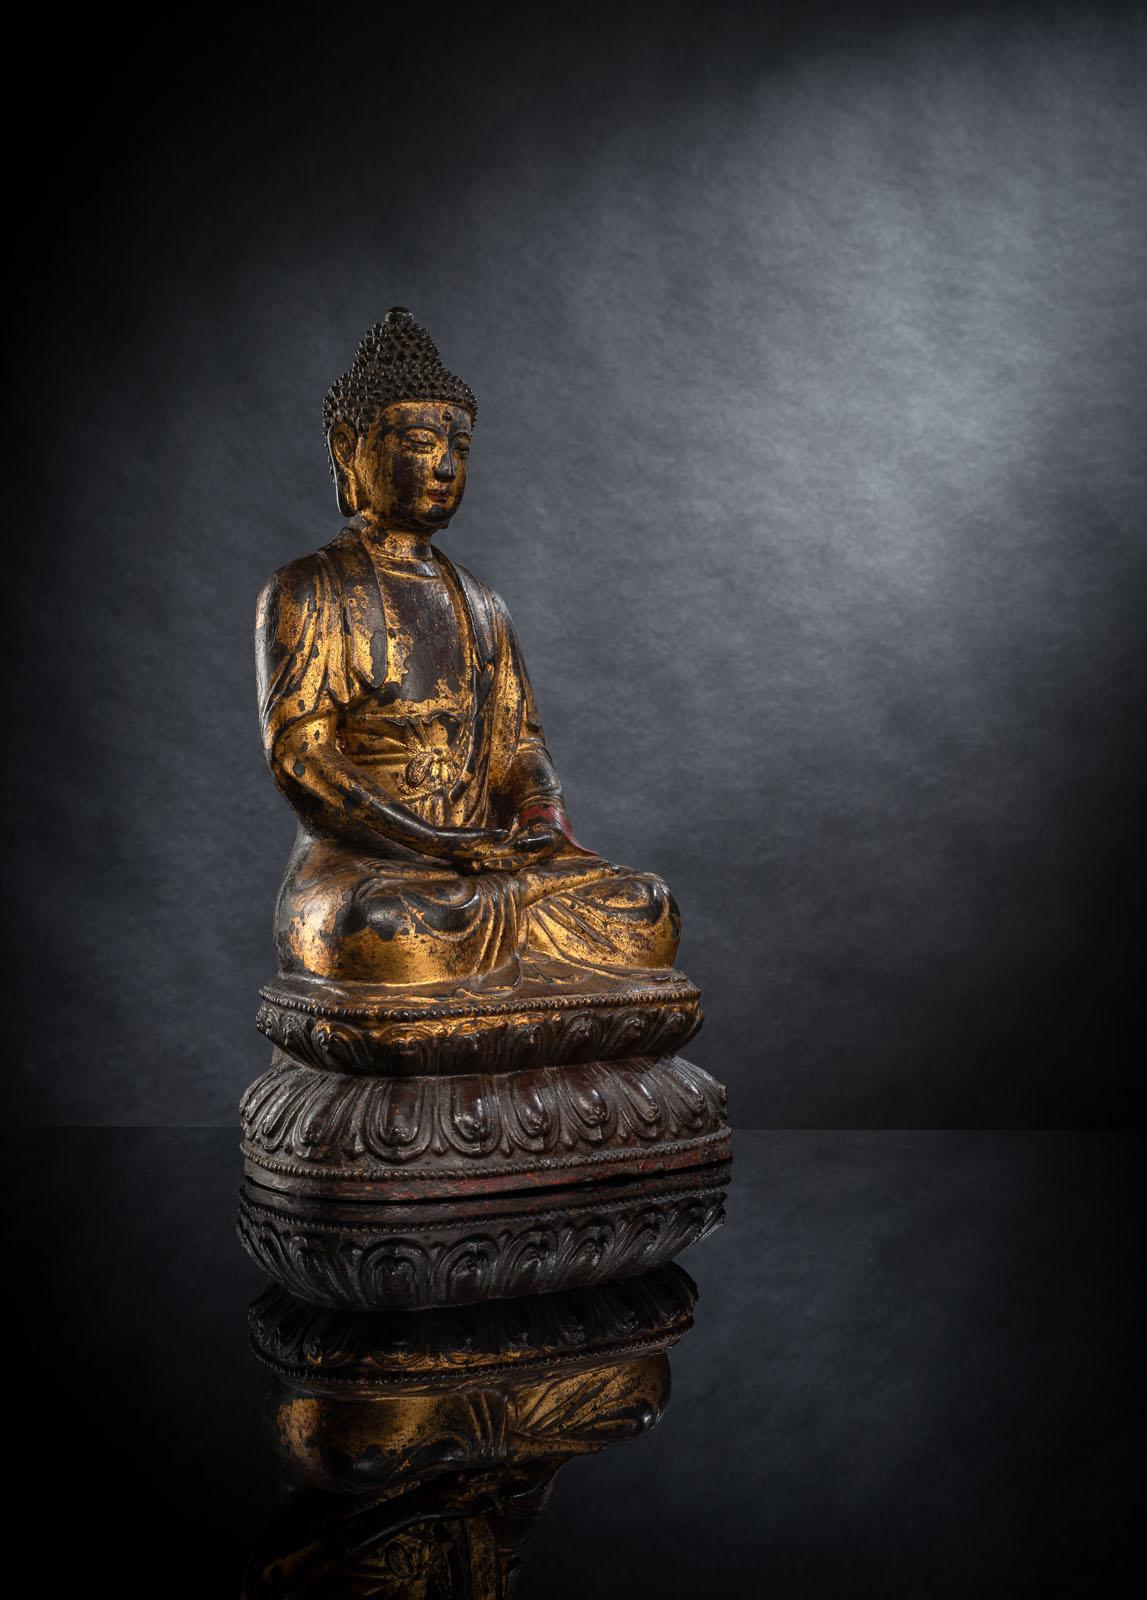 A LARGE PART-GILT BRONZE FIGURE OF SEATED BUDDHA SHAKYAMUNI - Image 2 of 2